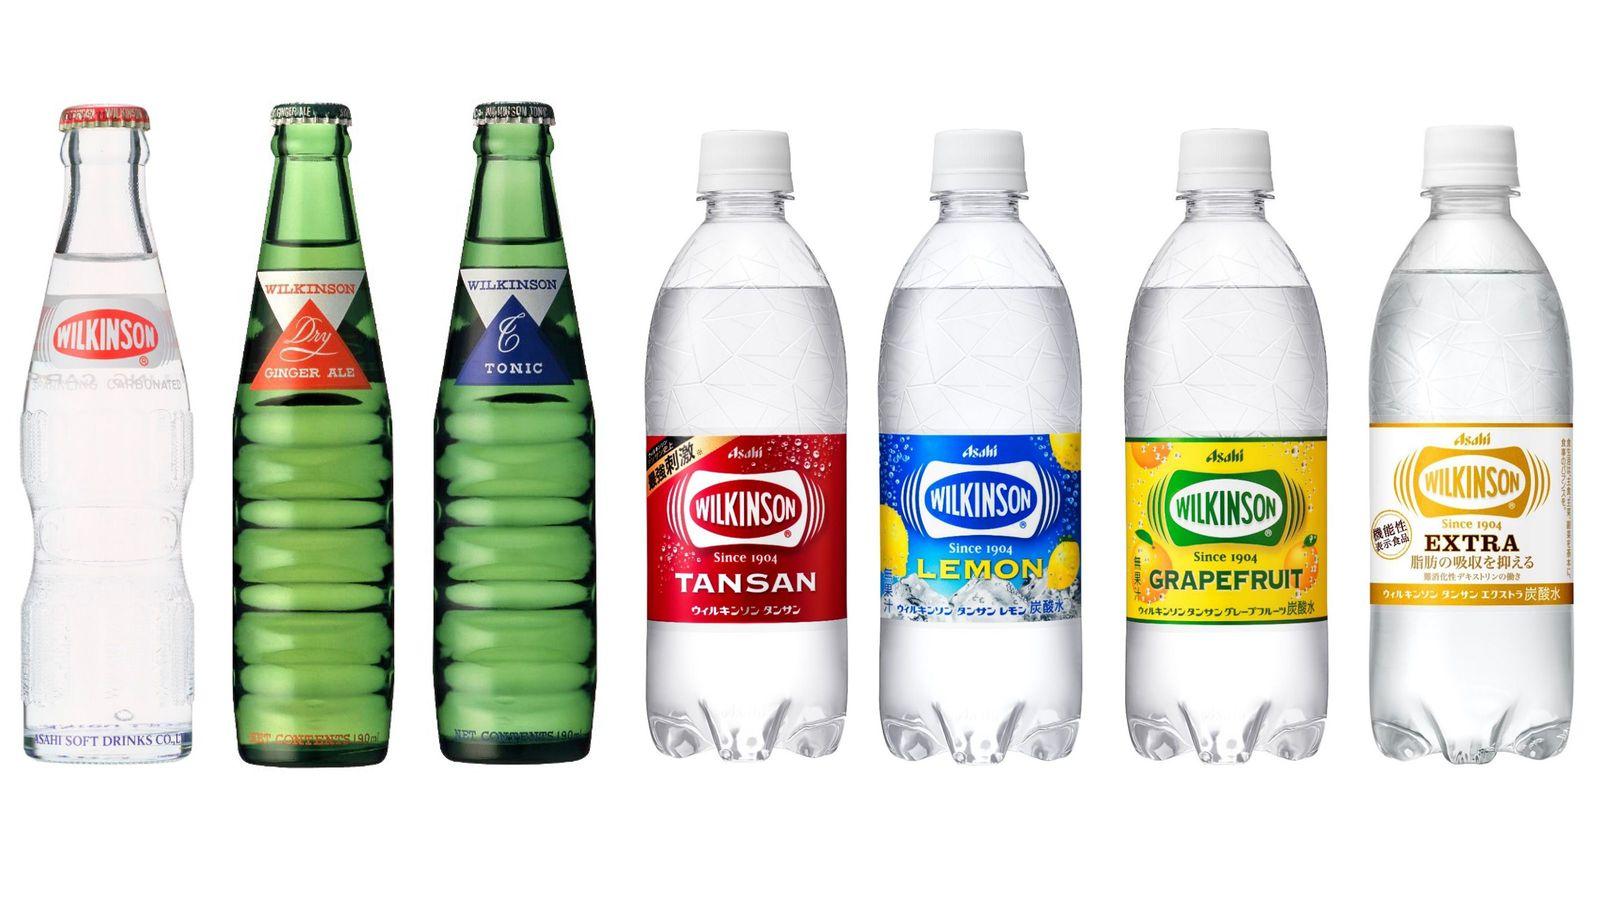 炭酸水の市場が「10年で13倍」に急拡大したワケ 2011年のペットボトル登場で爆発